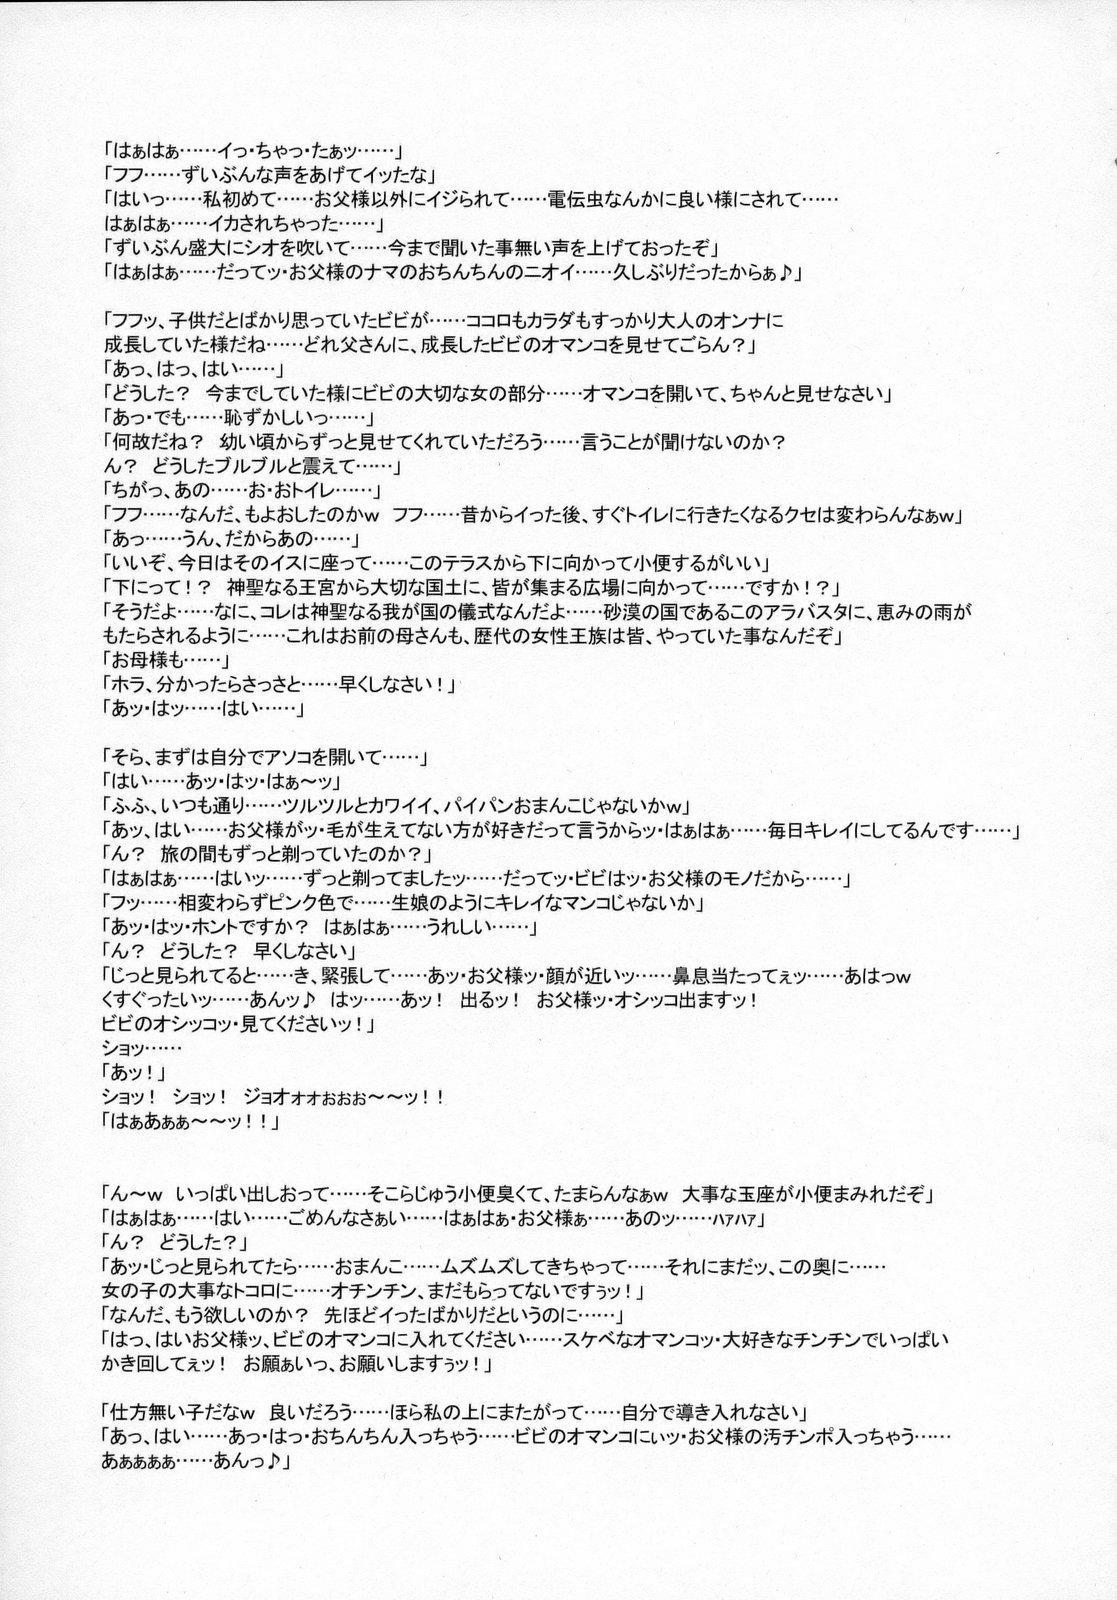 Nippon Practice 2 31